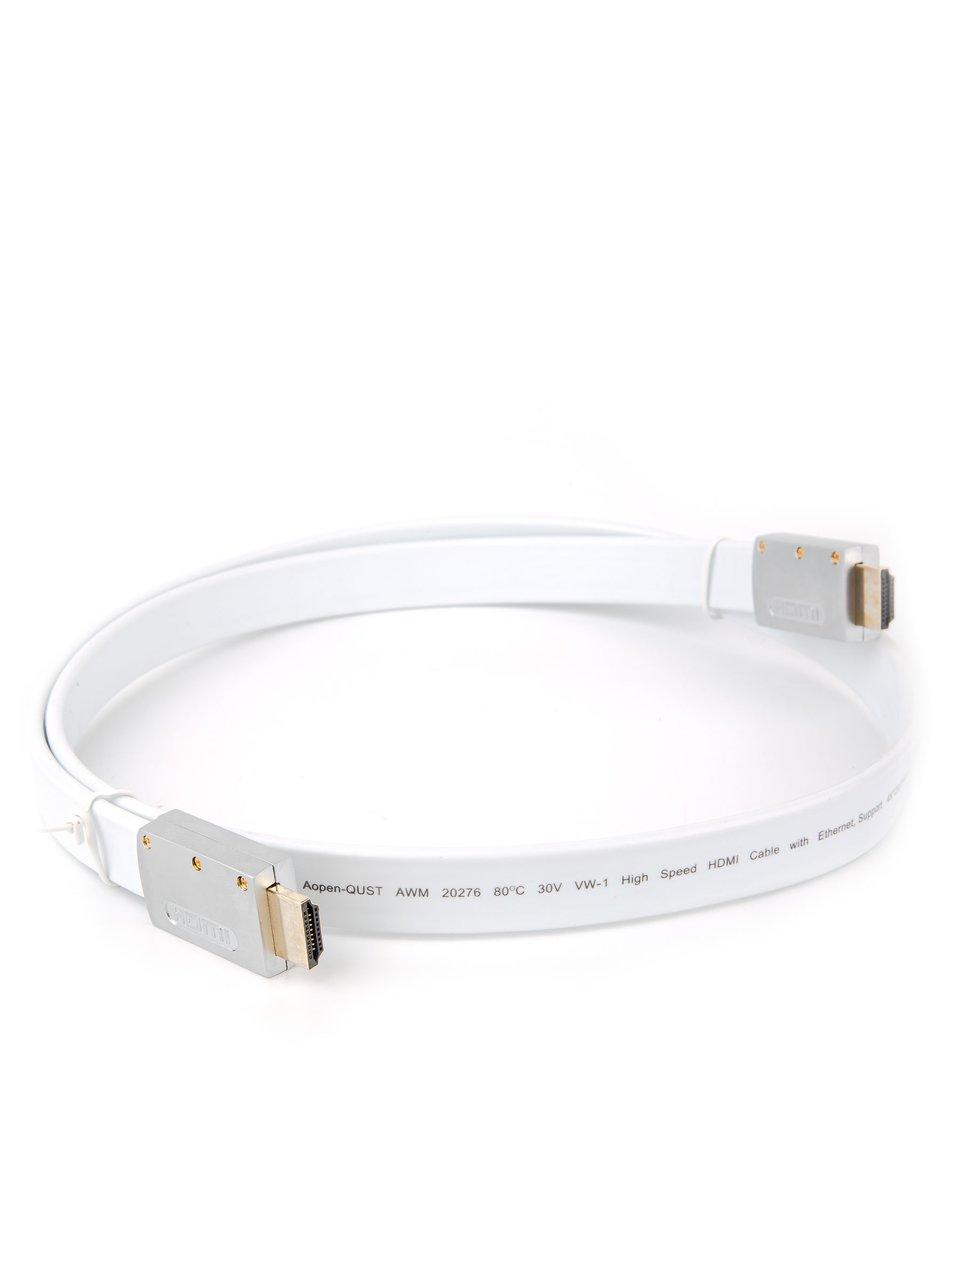 Фото - Кабель HDMI AOpen ACG568F-S-1M, ver 2.0, 1 м, серебряно-белый Flat кеды мужские vans ua sk8 mid цвет белый va3wm3vp3 размер 9 5 43